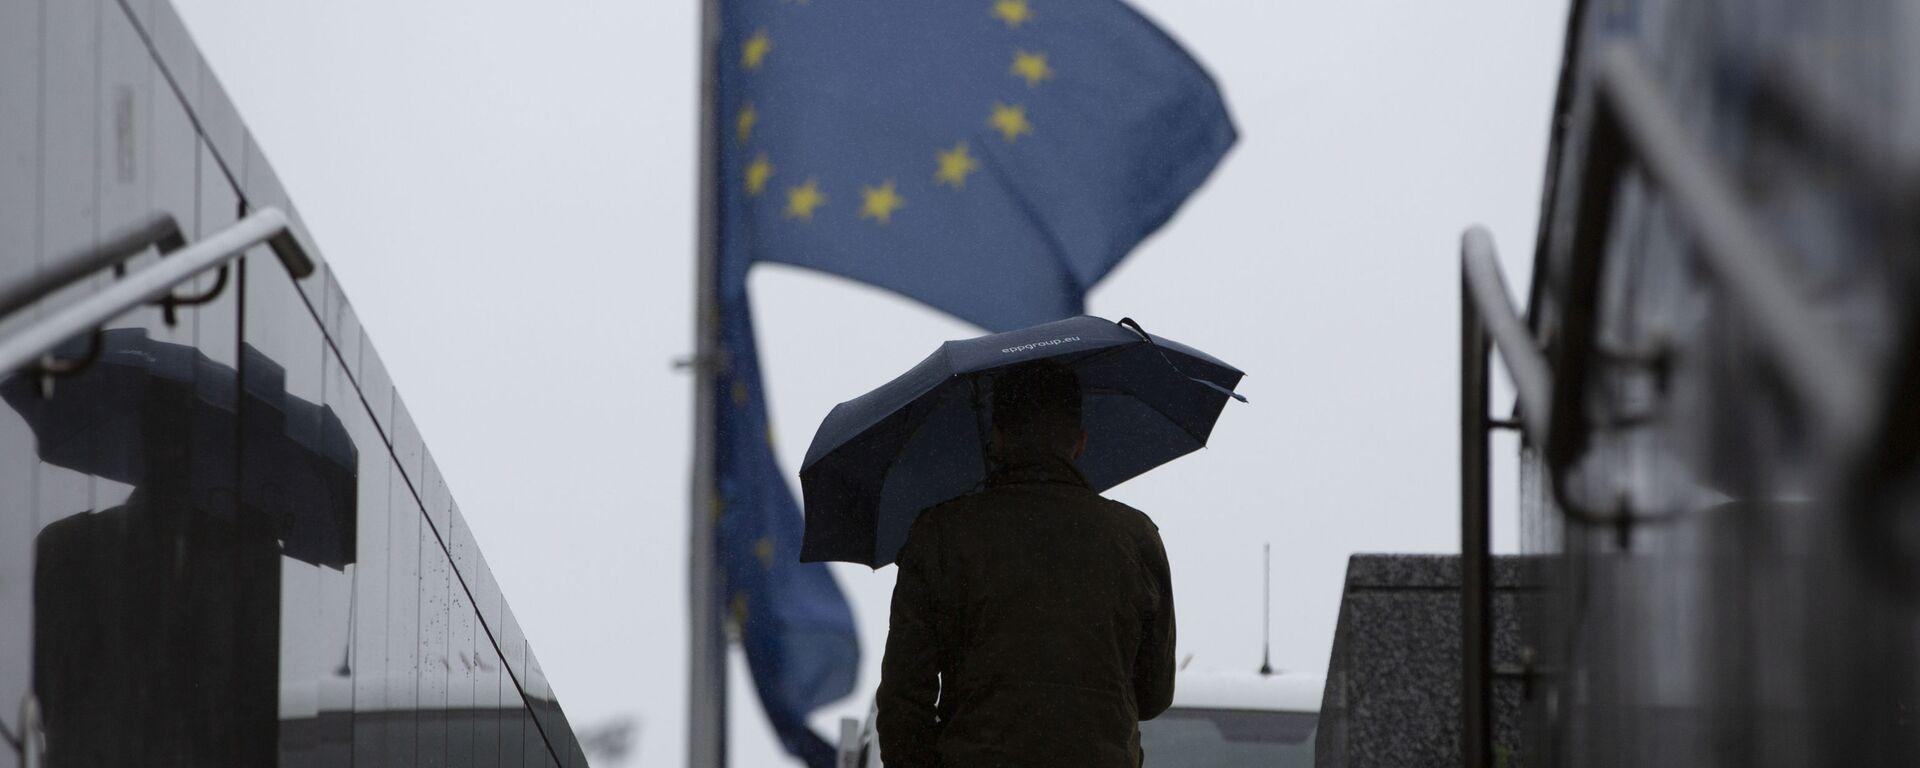 Muž prochází kolem sídla EU v Bruselu - Sputnik Česká republika, 1920, 18.11.2020